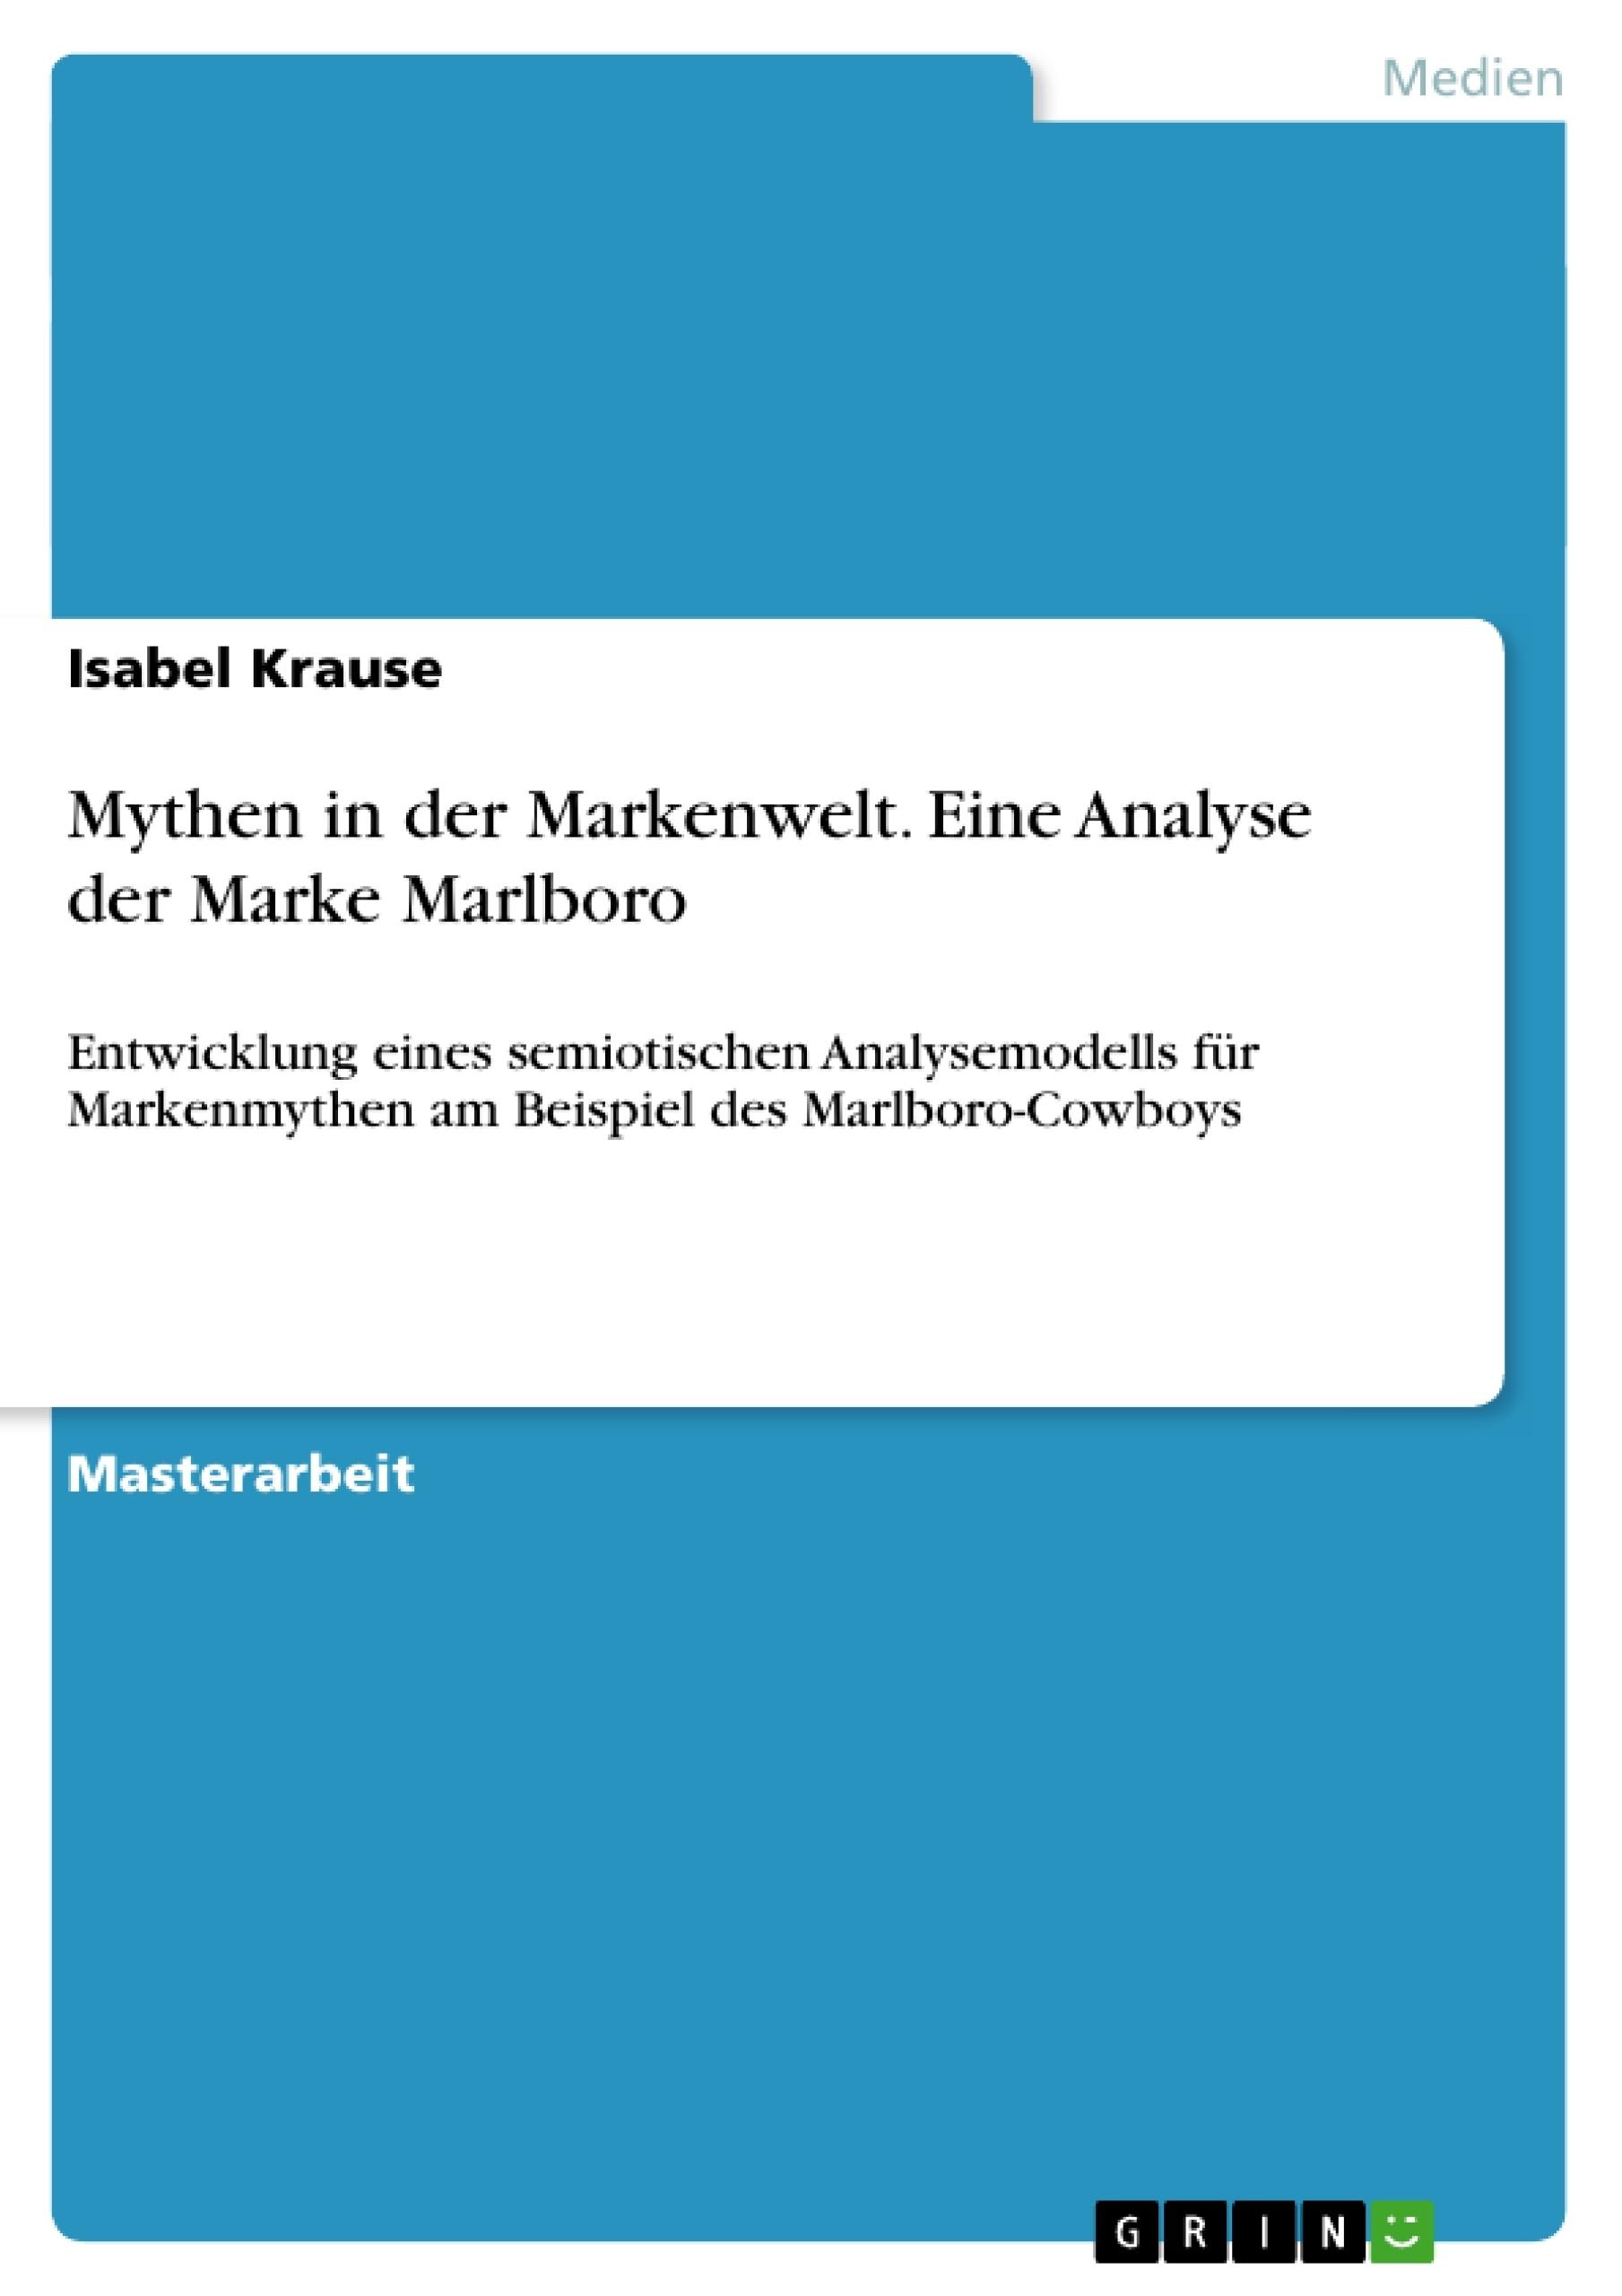 Titel: Mythen in der Markenwelt. Eine Analyse der Marke Marlboro